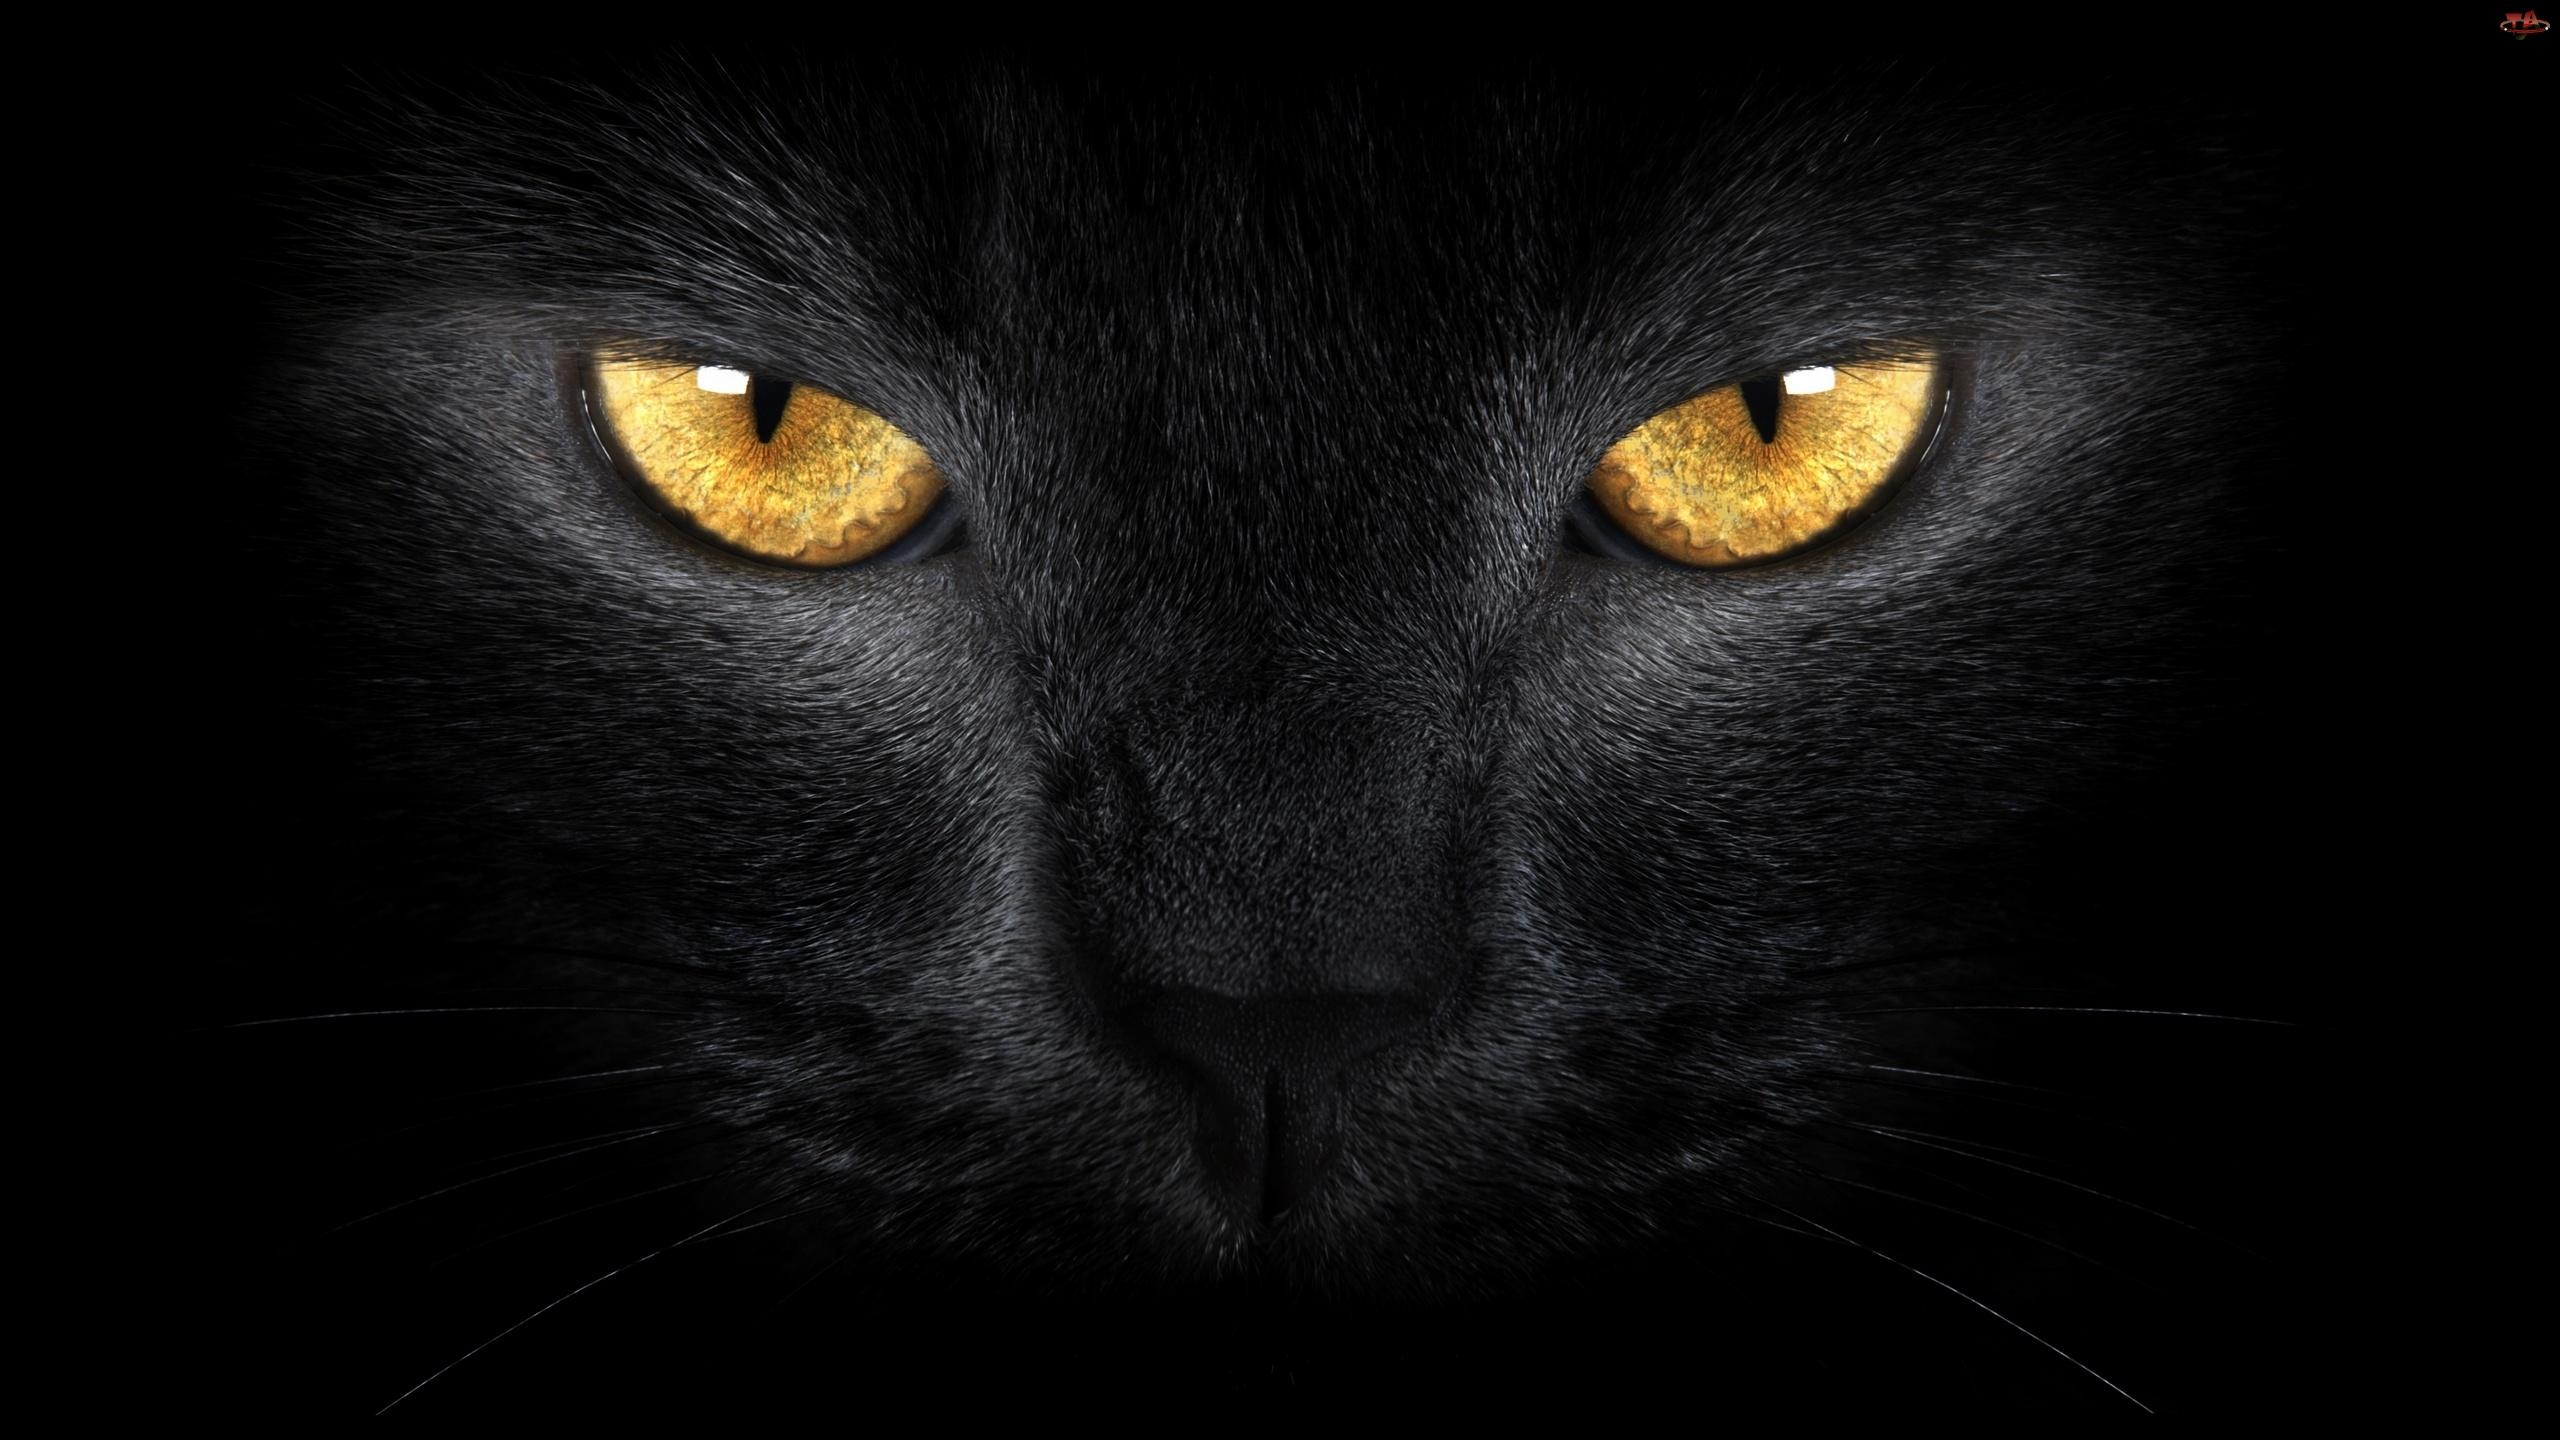 Czarny, Oczy, Kot, Złote